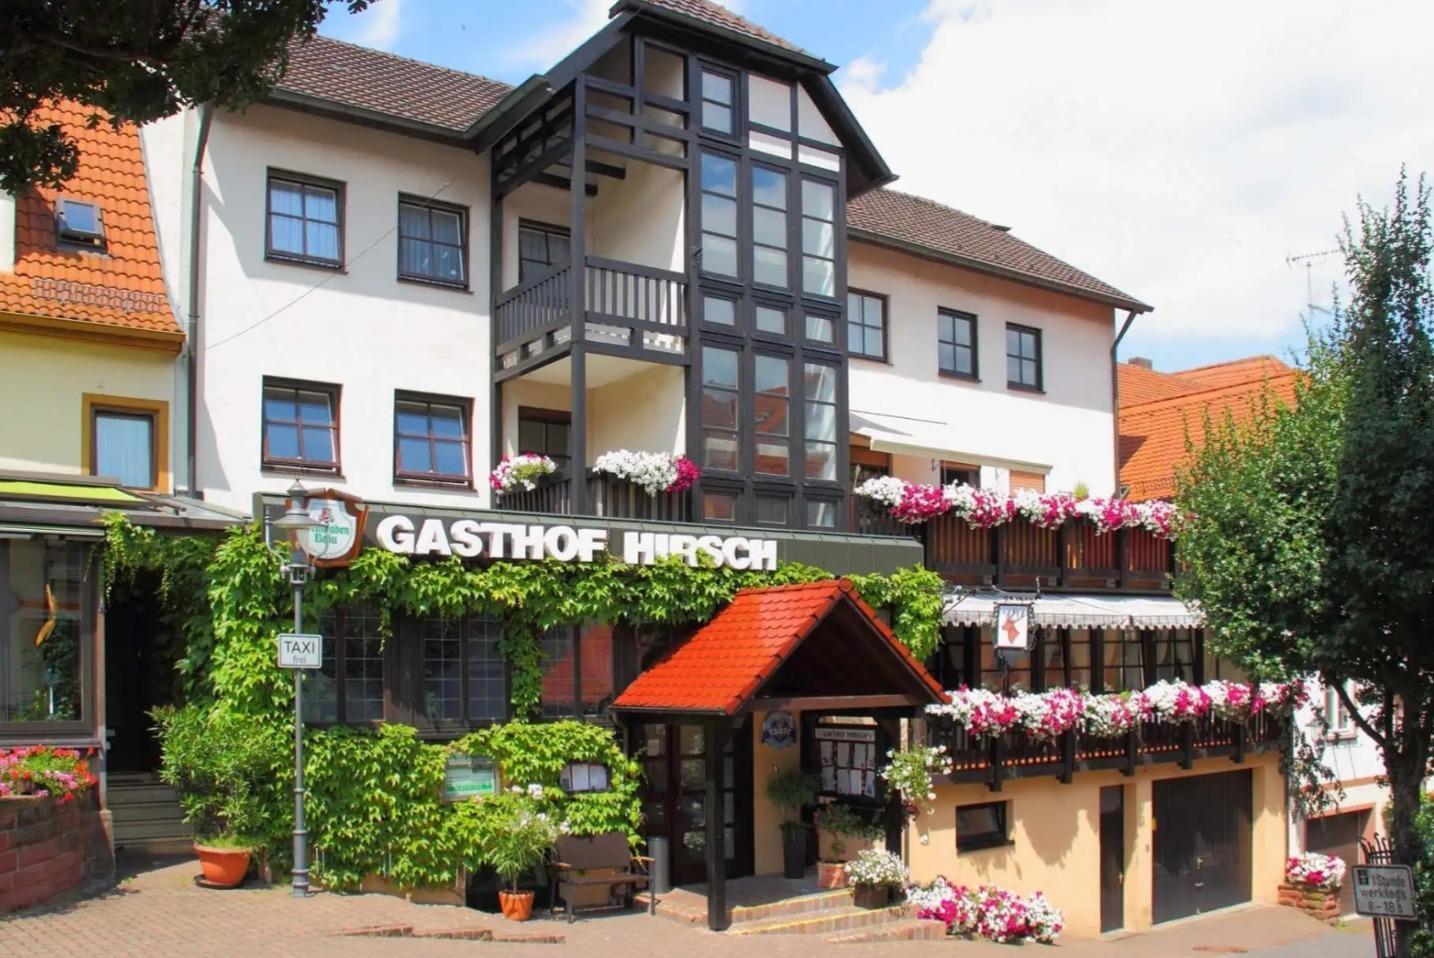 Familienbetrieb In Siebter Generation Gasthof Hirsch Lockt Ins